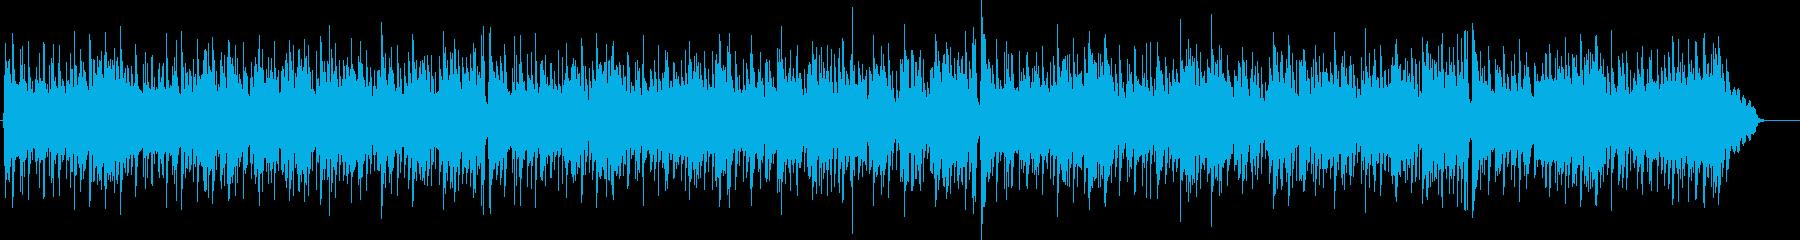 Xmas ジングルベル かわいいレゲエの再生済みの波形